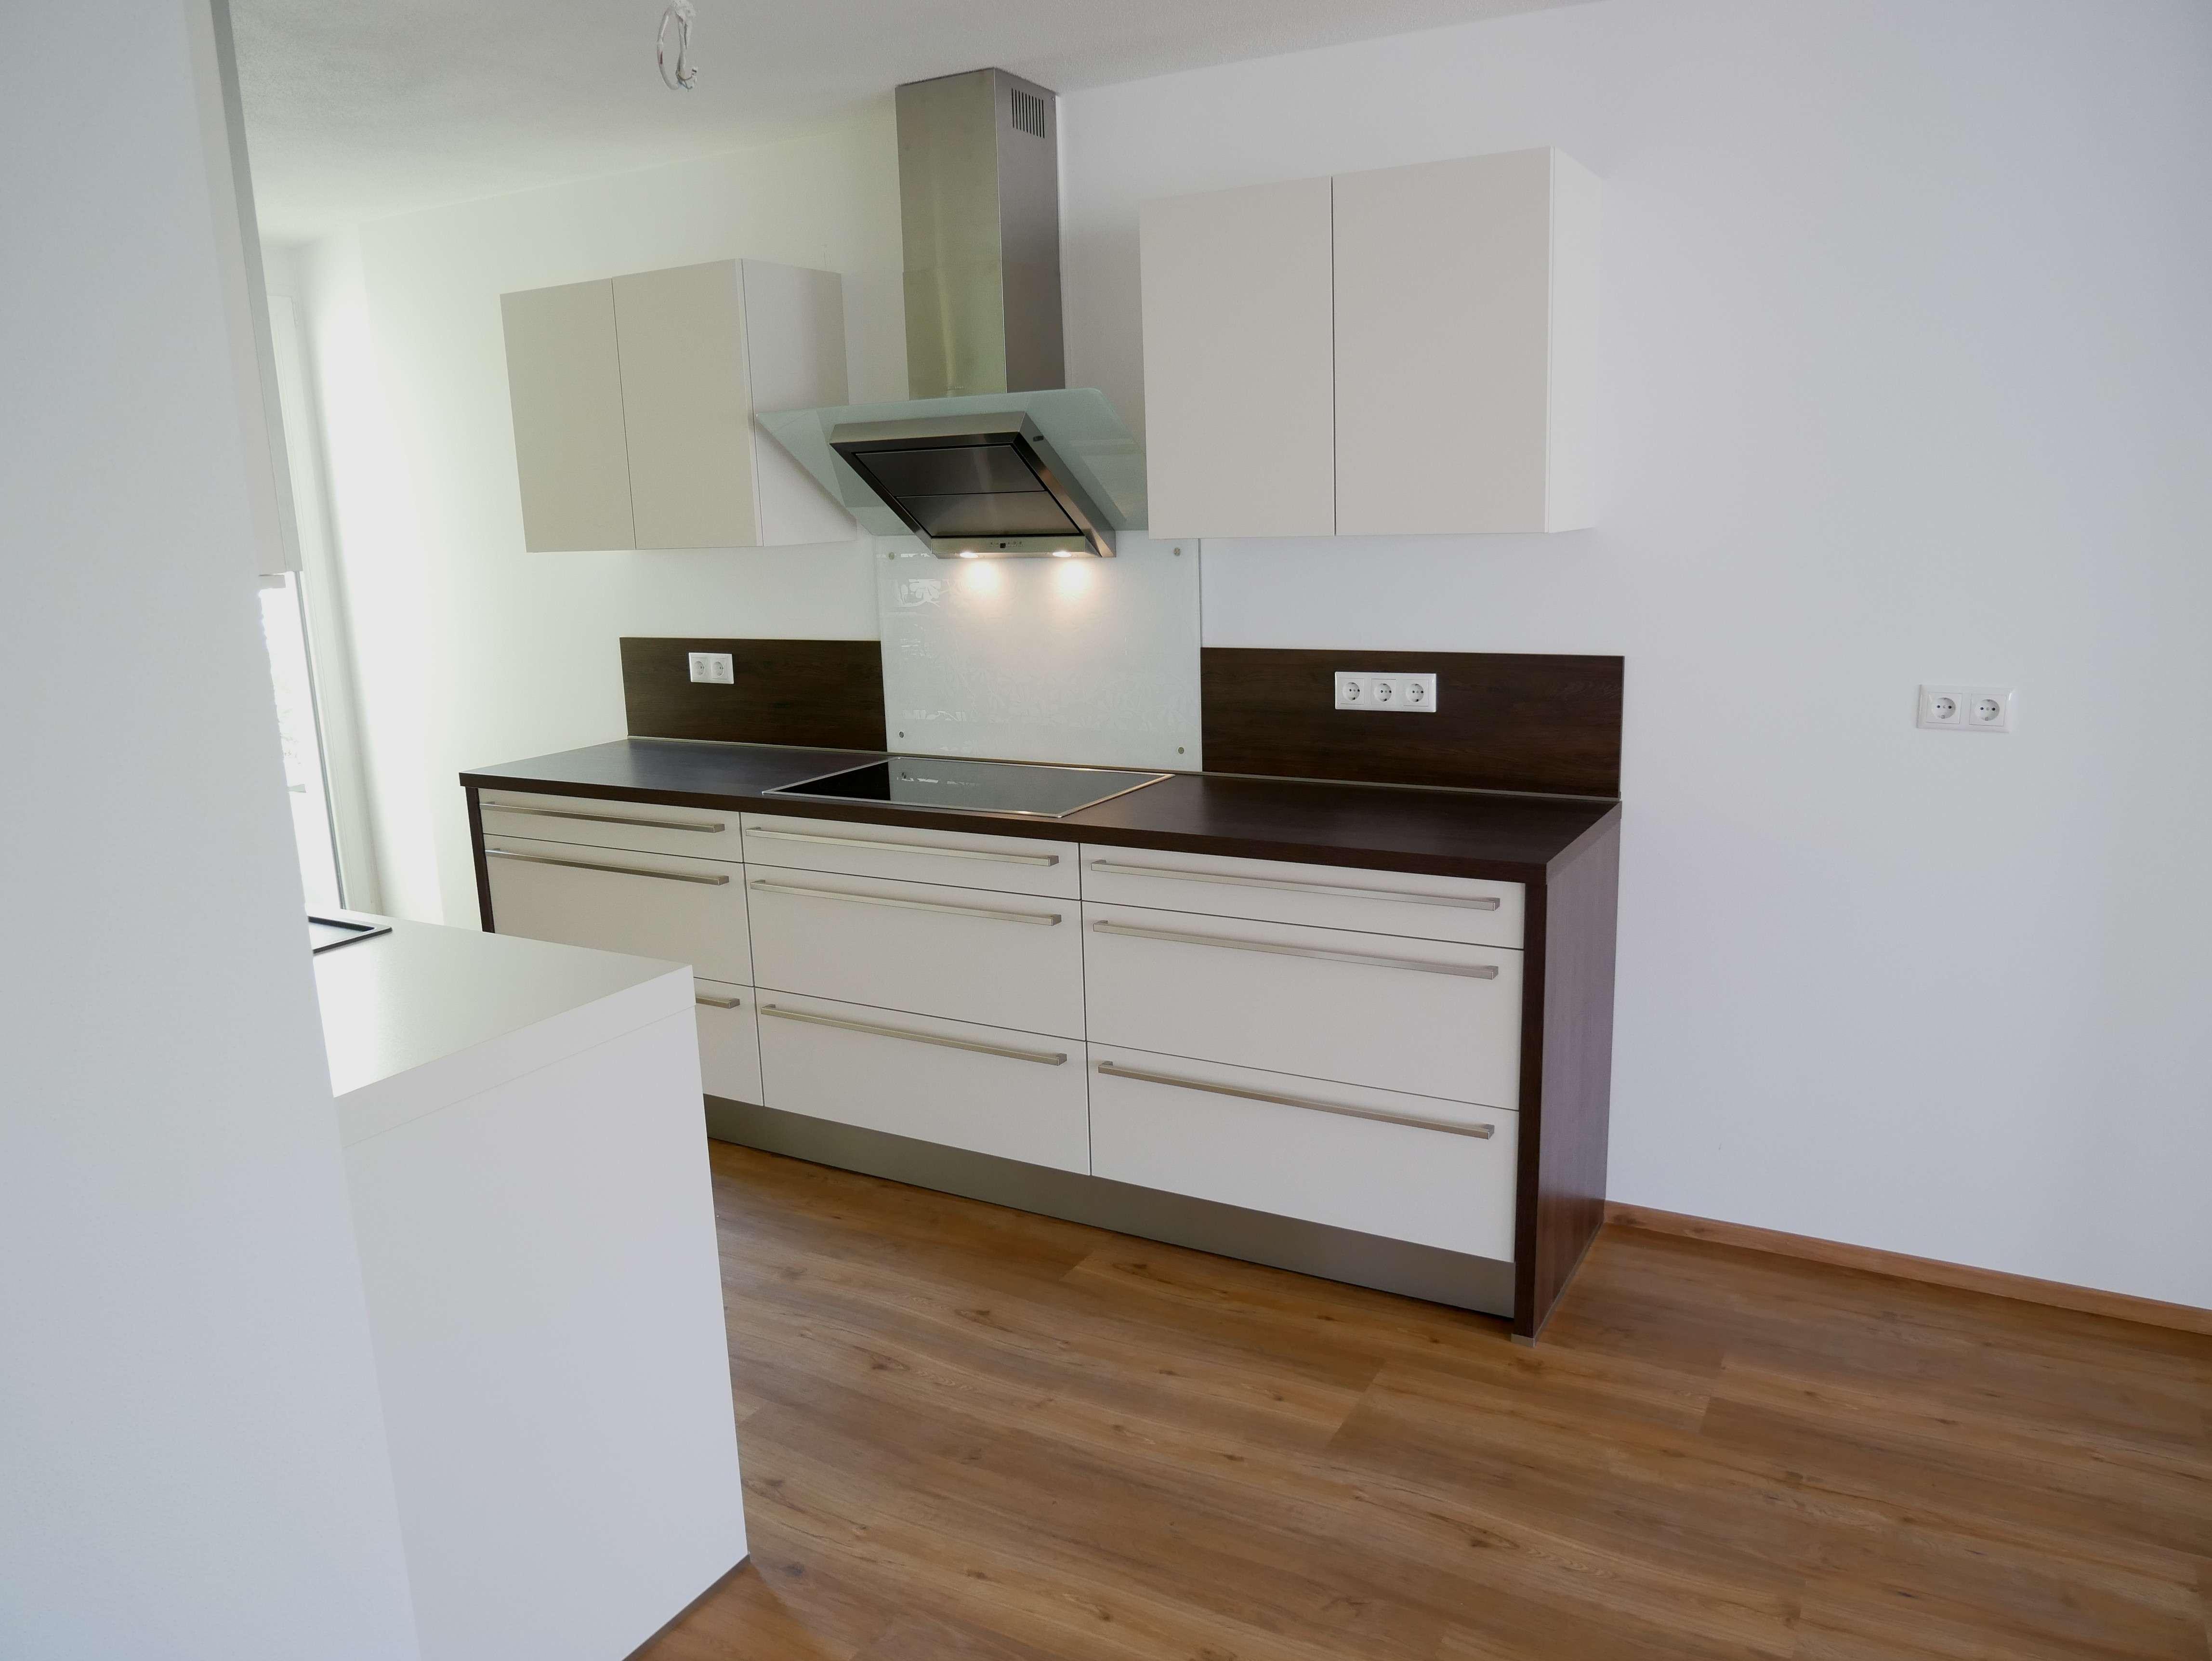 *komplett saniert* - hochwertige 4 Zimmer Wohnung mit Terrasse